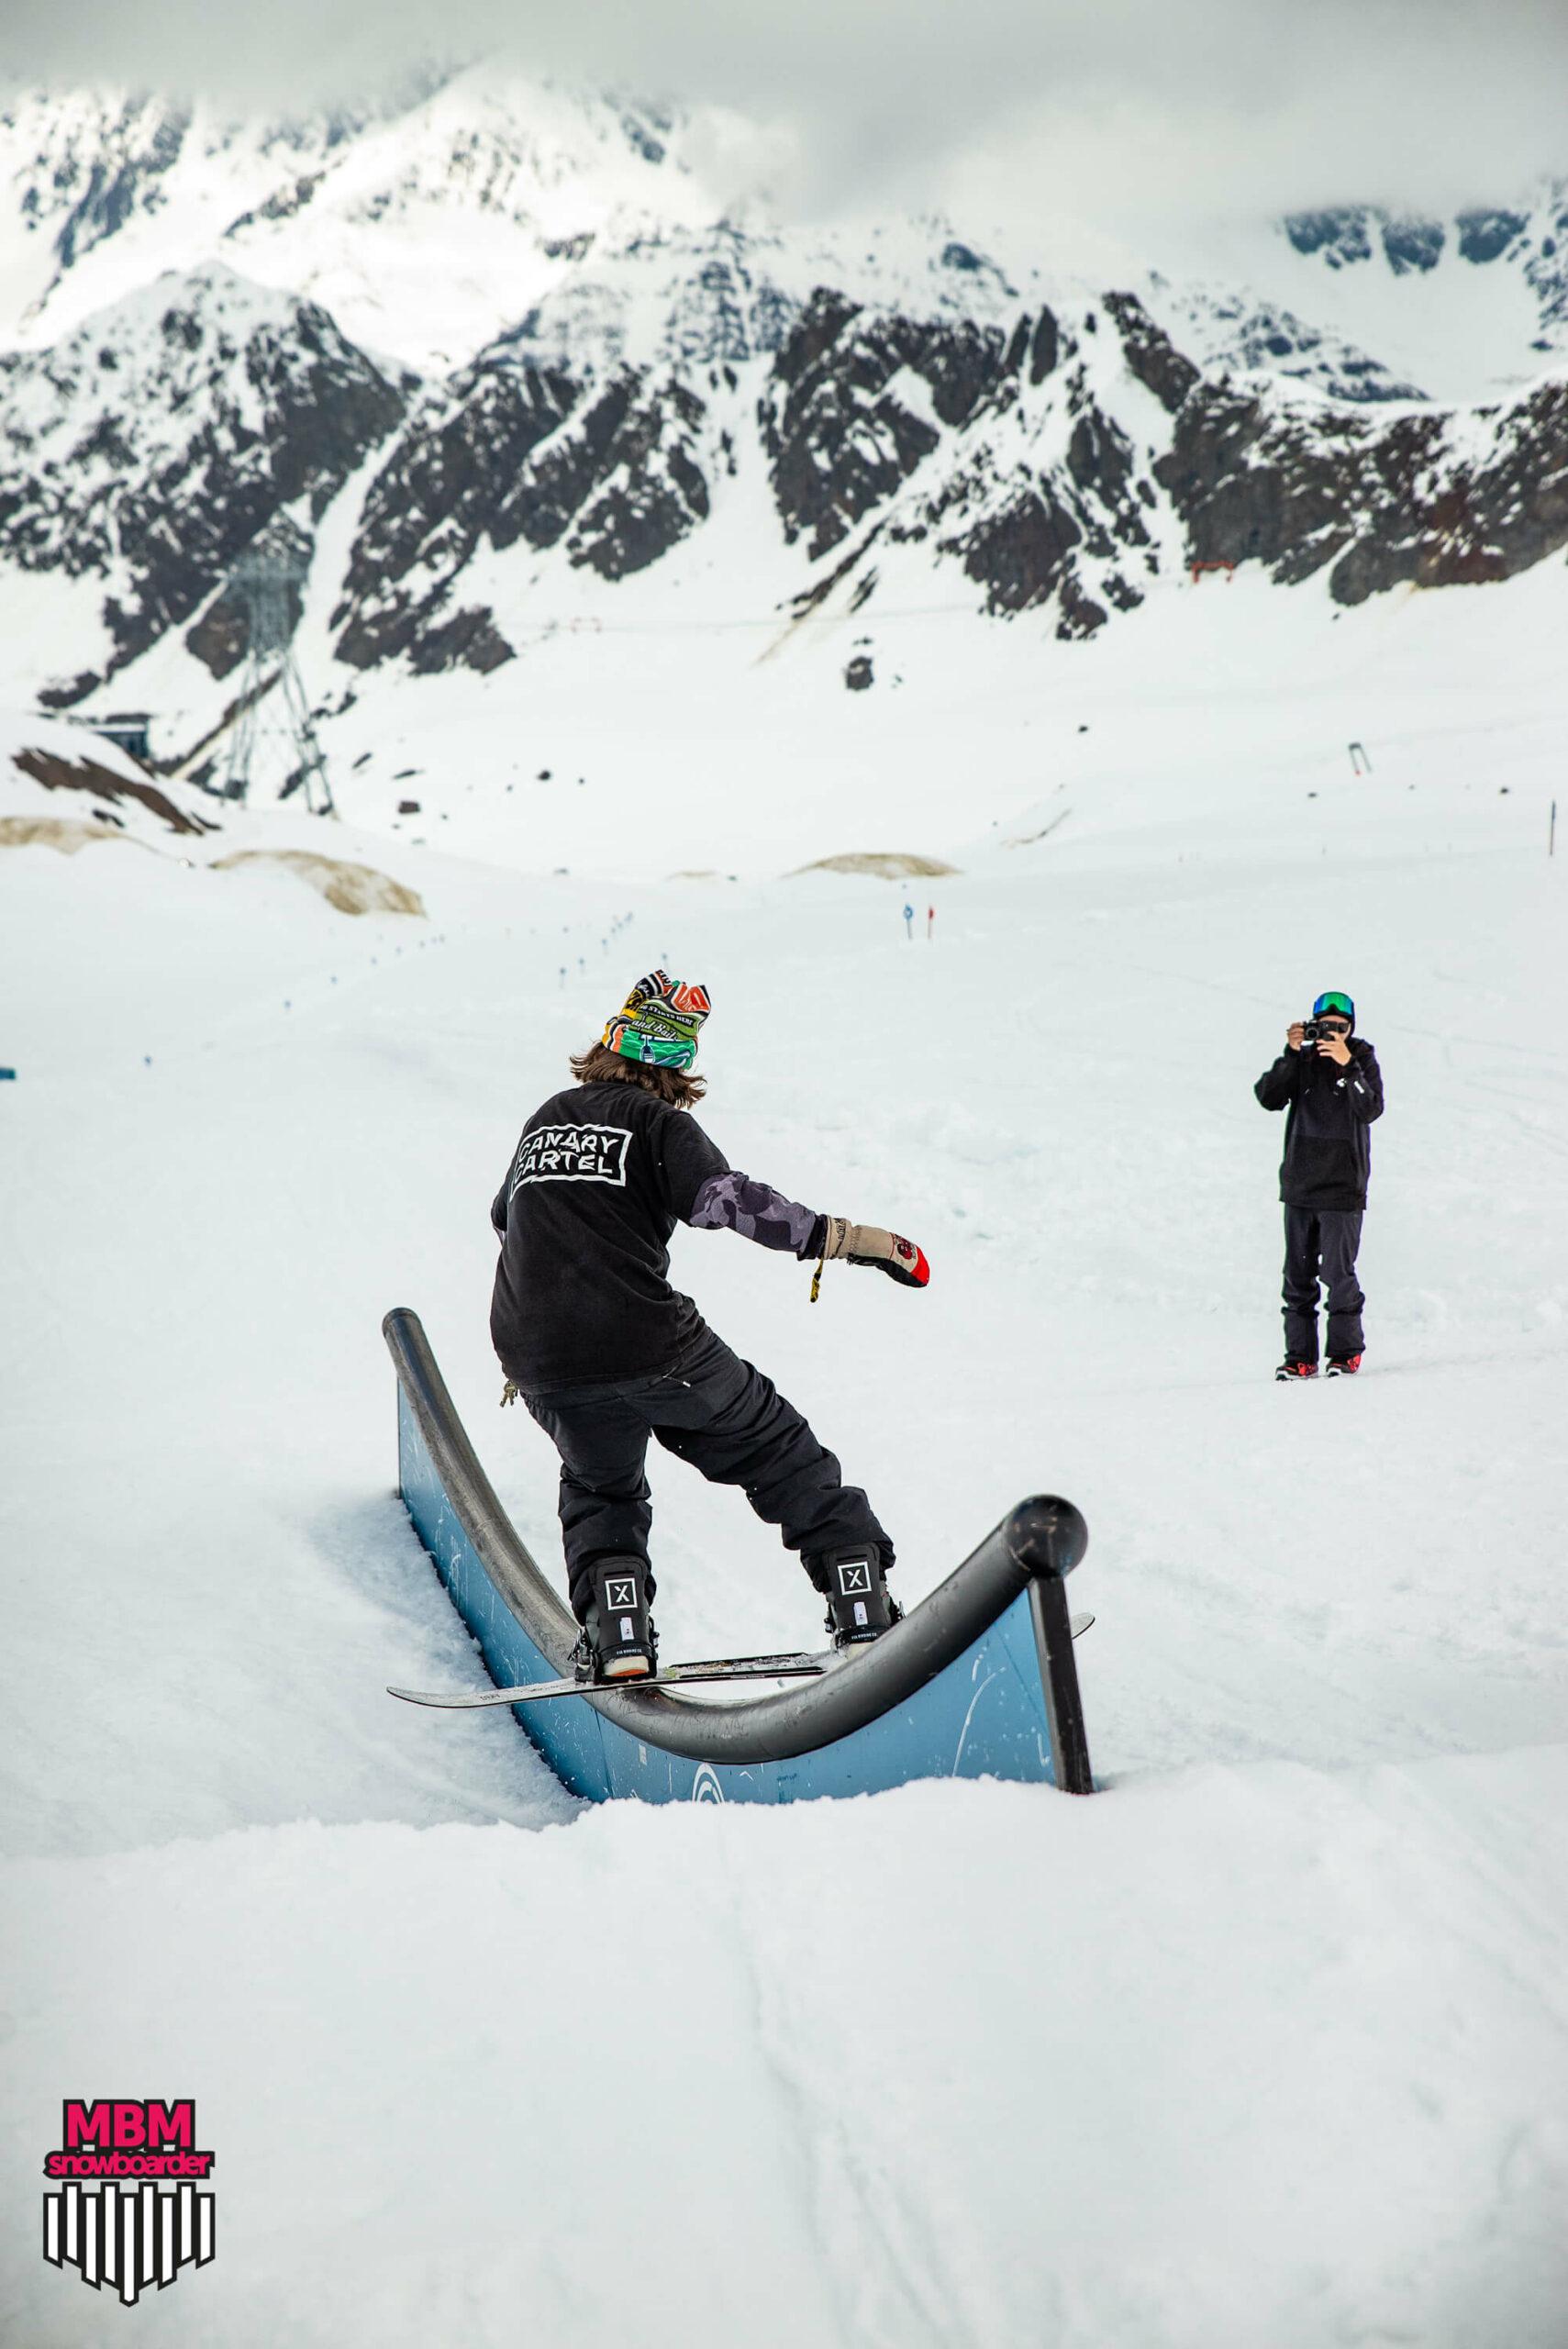 snowboarderMBM_sd_kaunertal_126